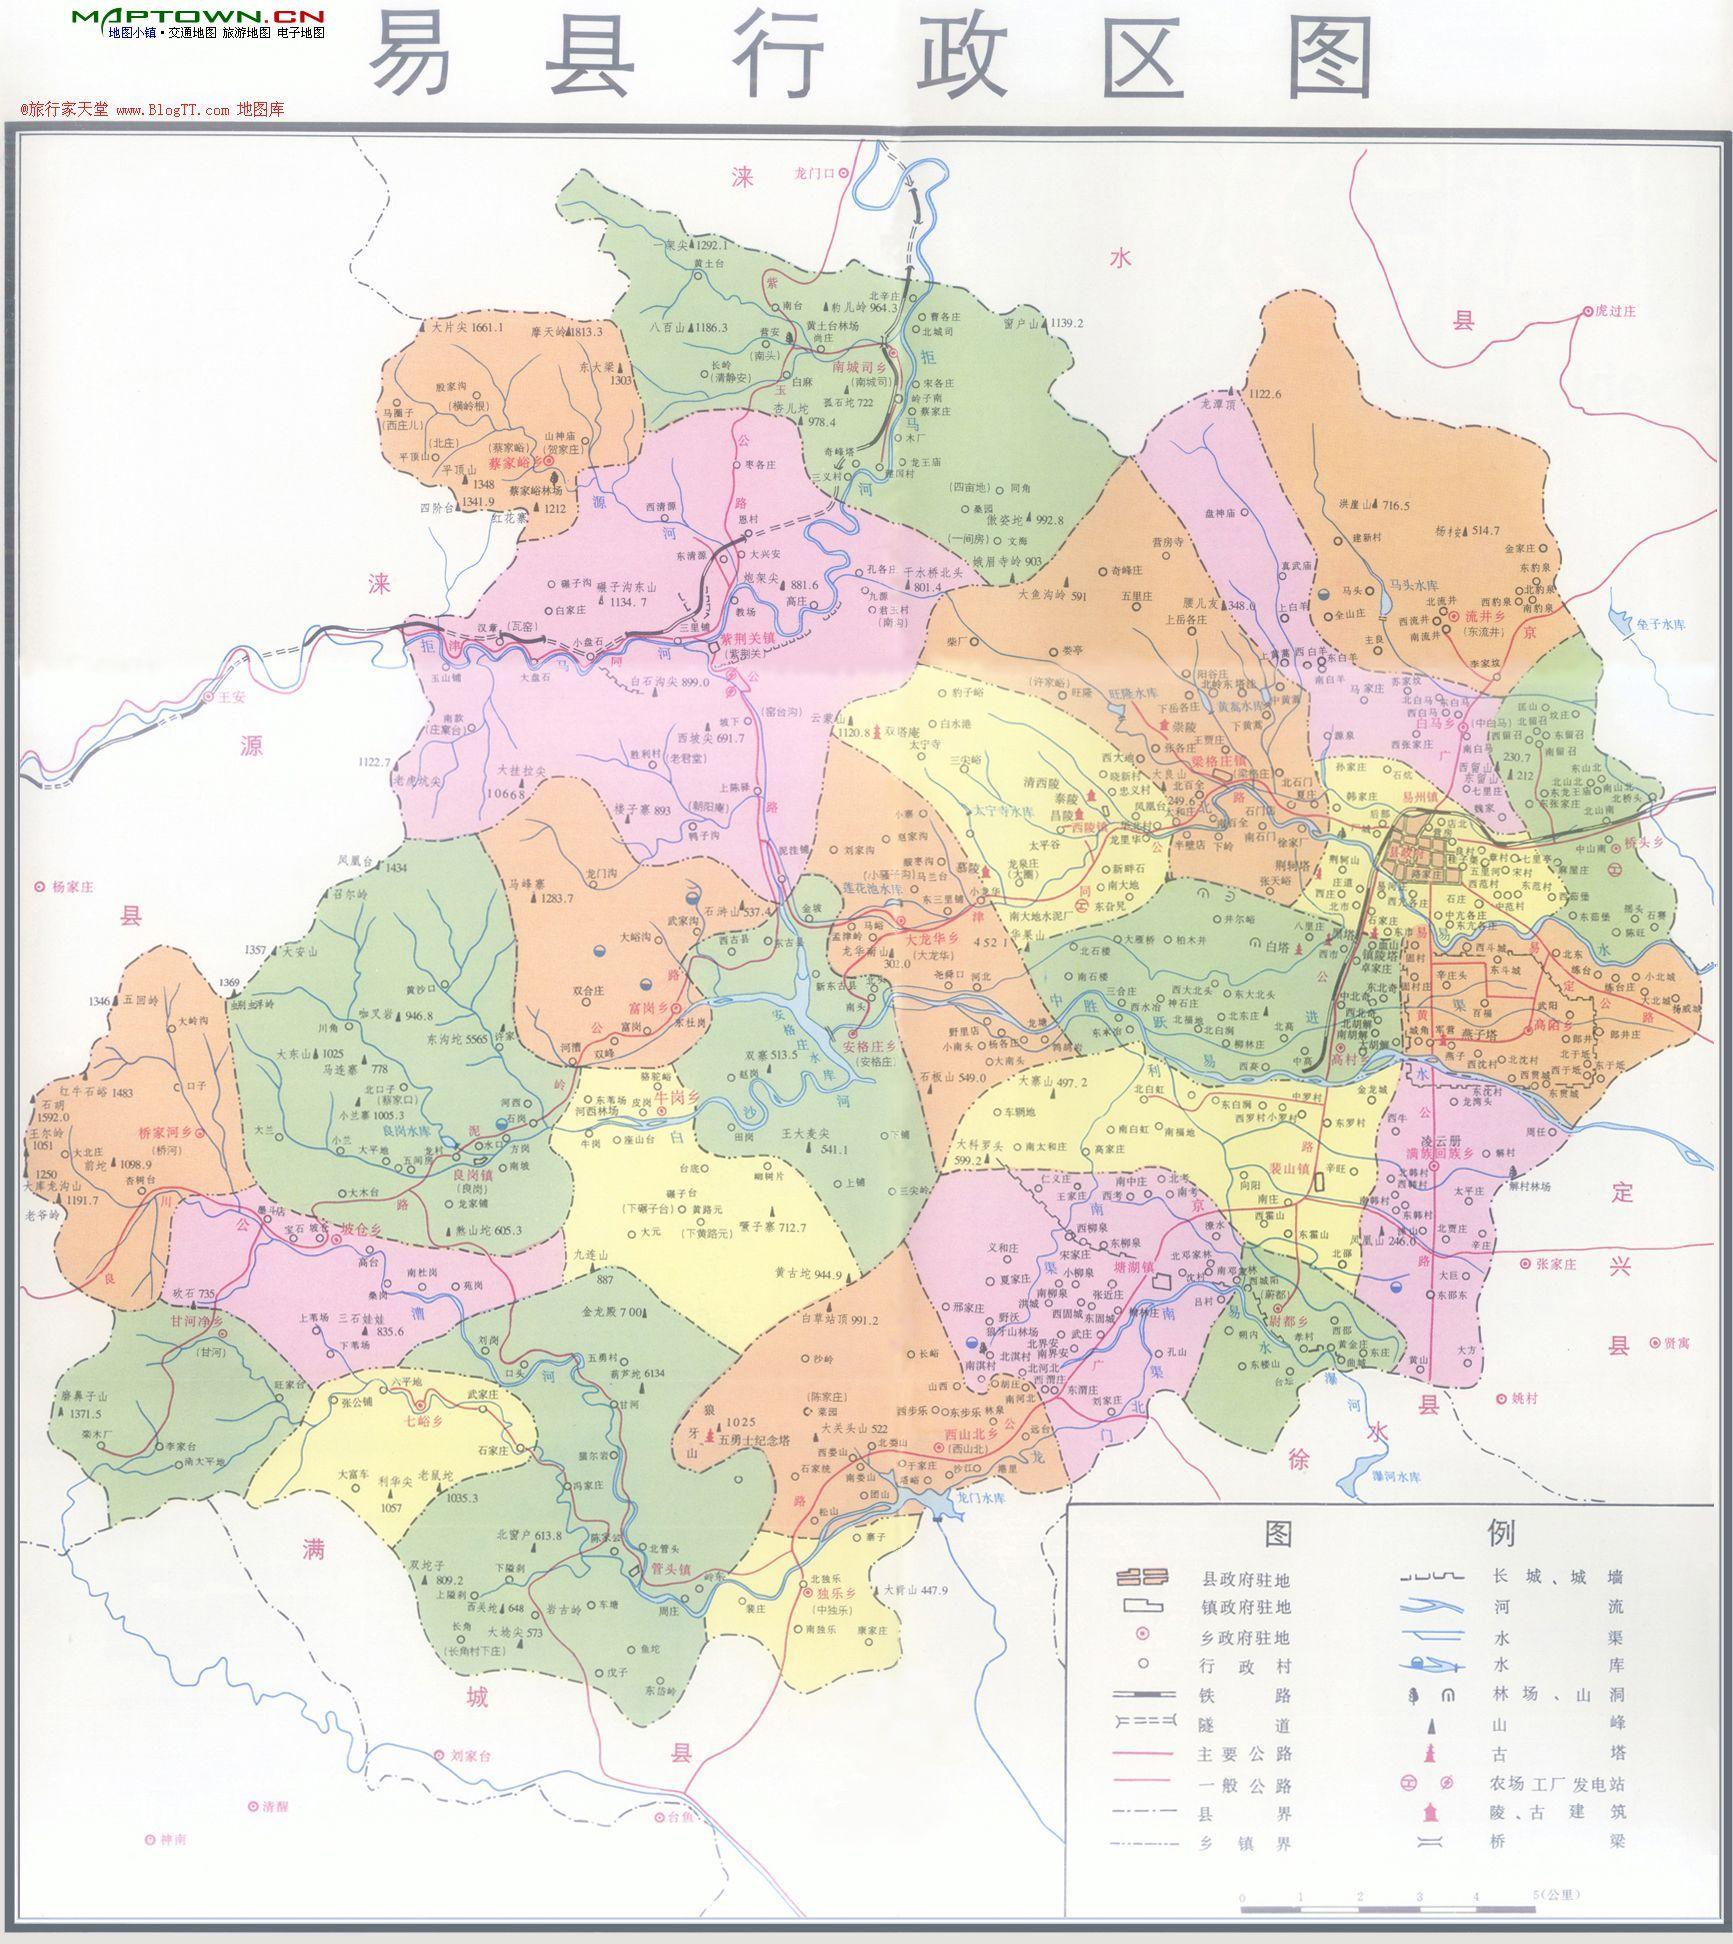 易县行政区图;; 易州国家森林公园位于河北省保定市-京南清西陵 地